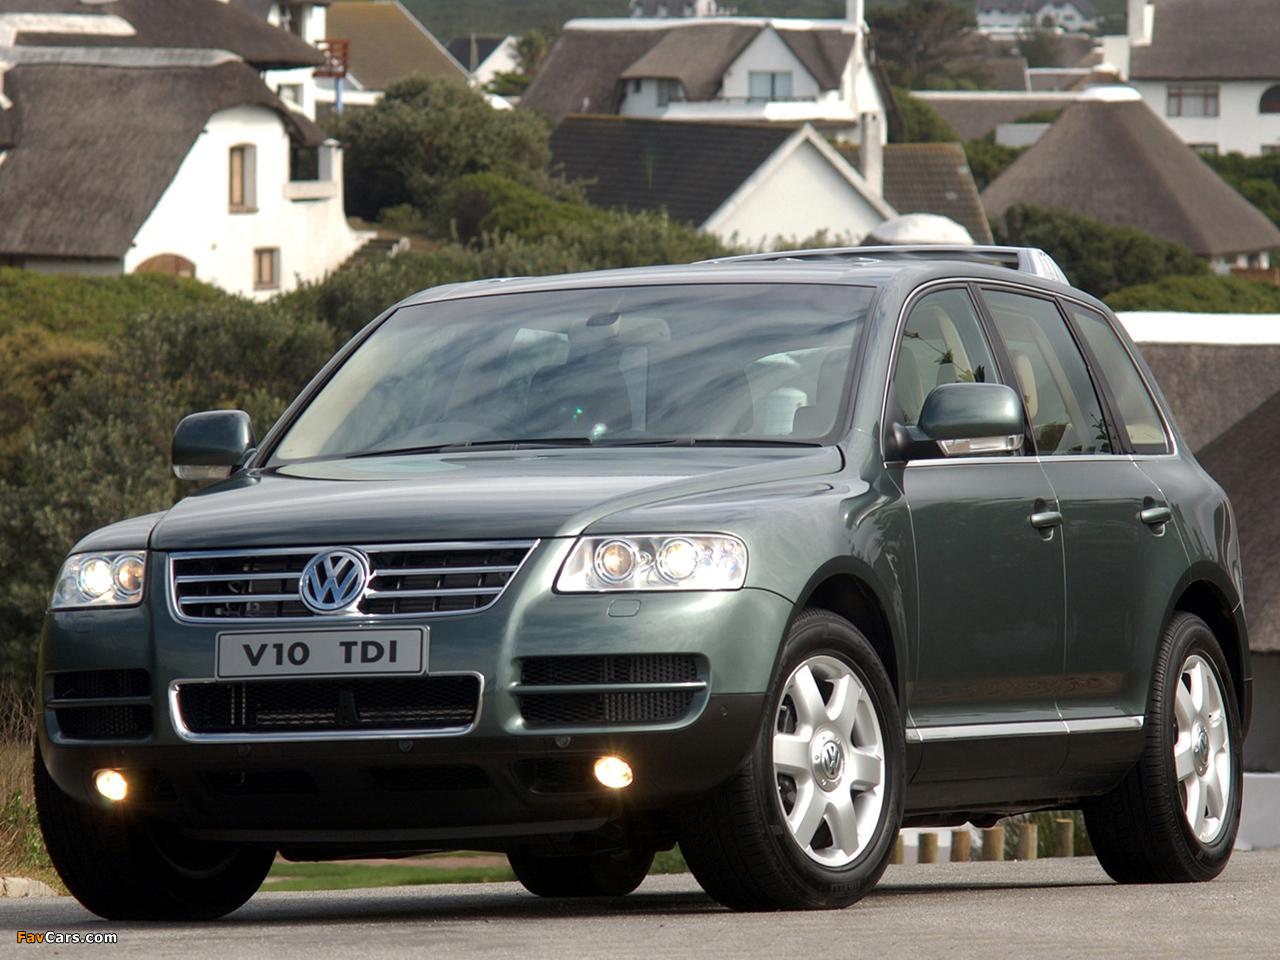 Volkswagen Touareg V10 Tdi Za Spec 2002 07 Images 1280x960